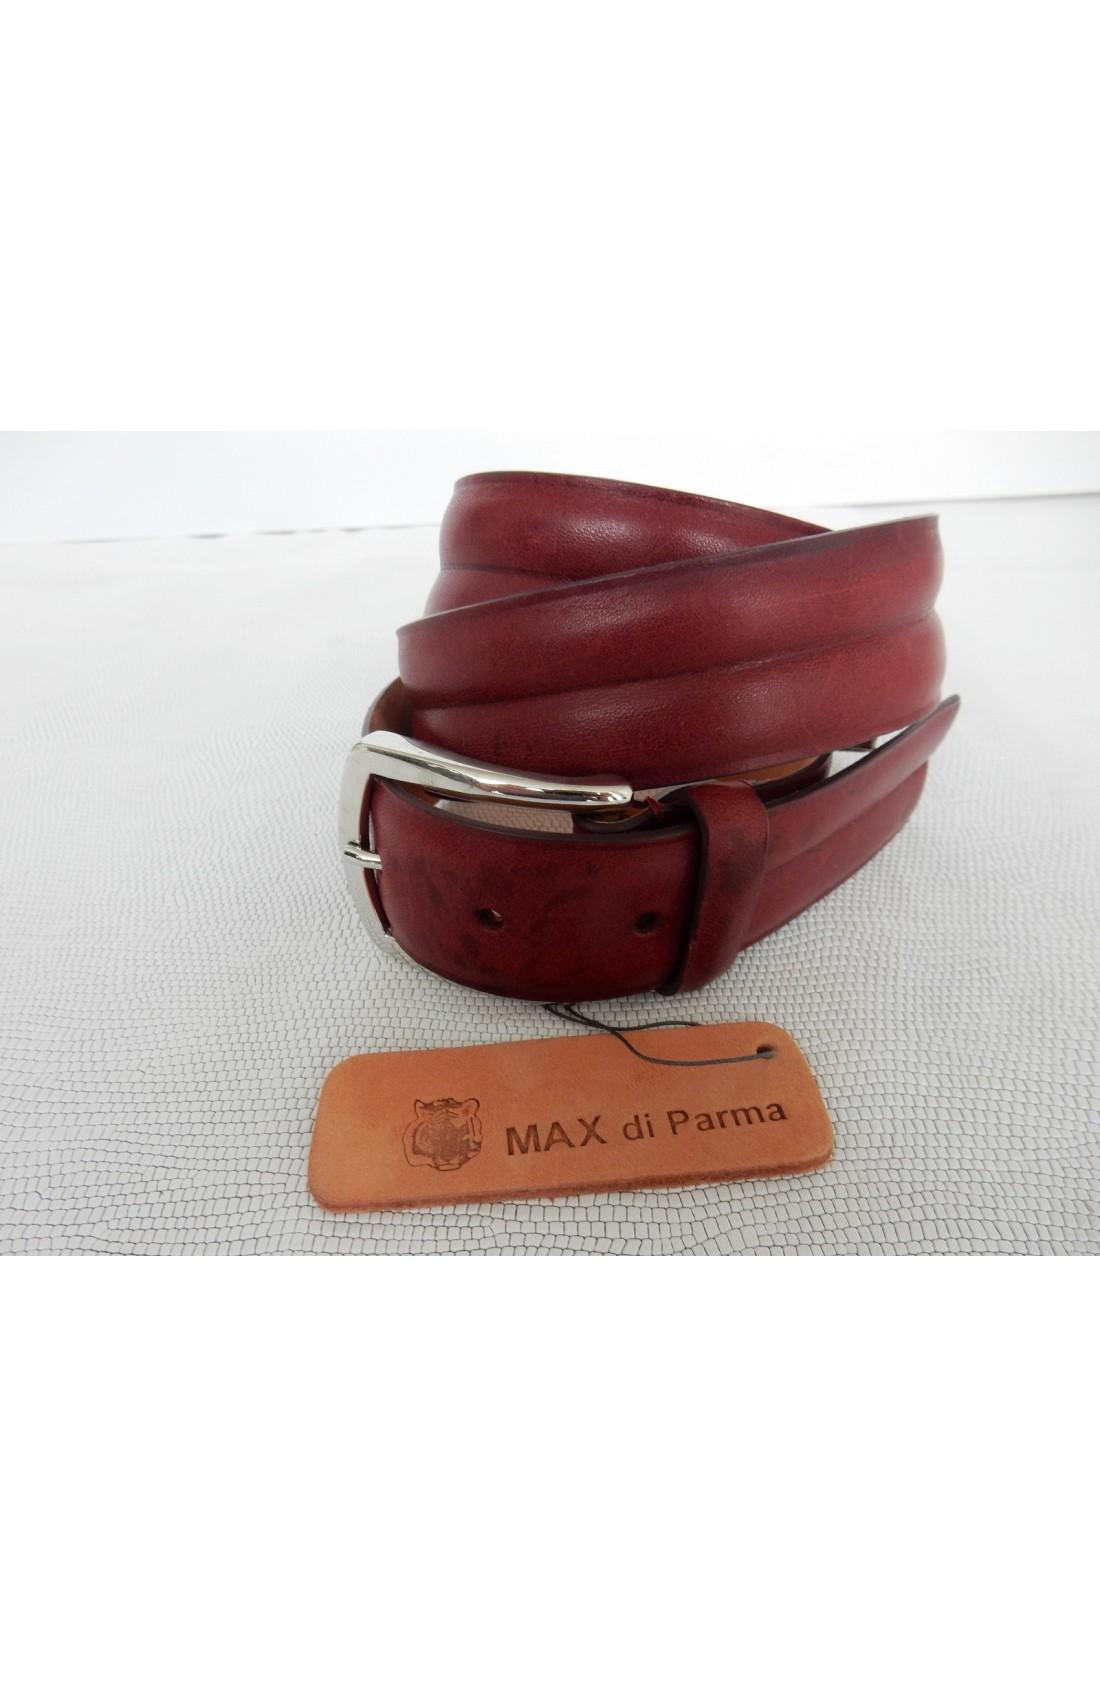 CINTURA UNISEX art.497 KANSAS su spalle toro mm.35 var.7 rosso inglese (con scanalatura interna) fib.I 193 (2)